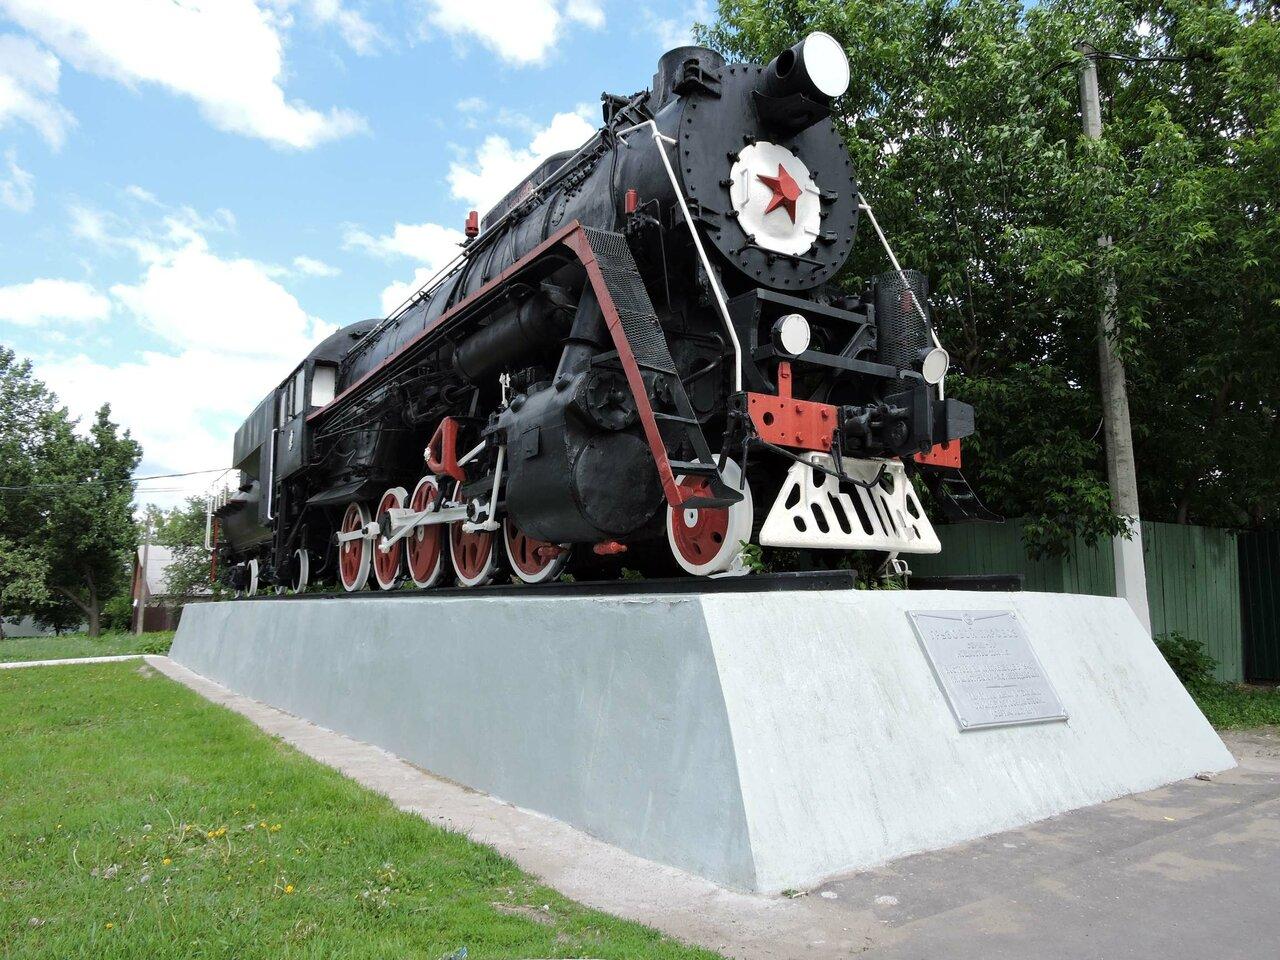 паровоз памятник в москве фото карту посмотреть обвиняется принуждении сделке